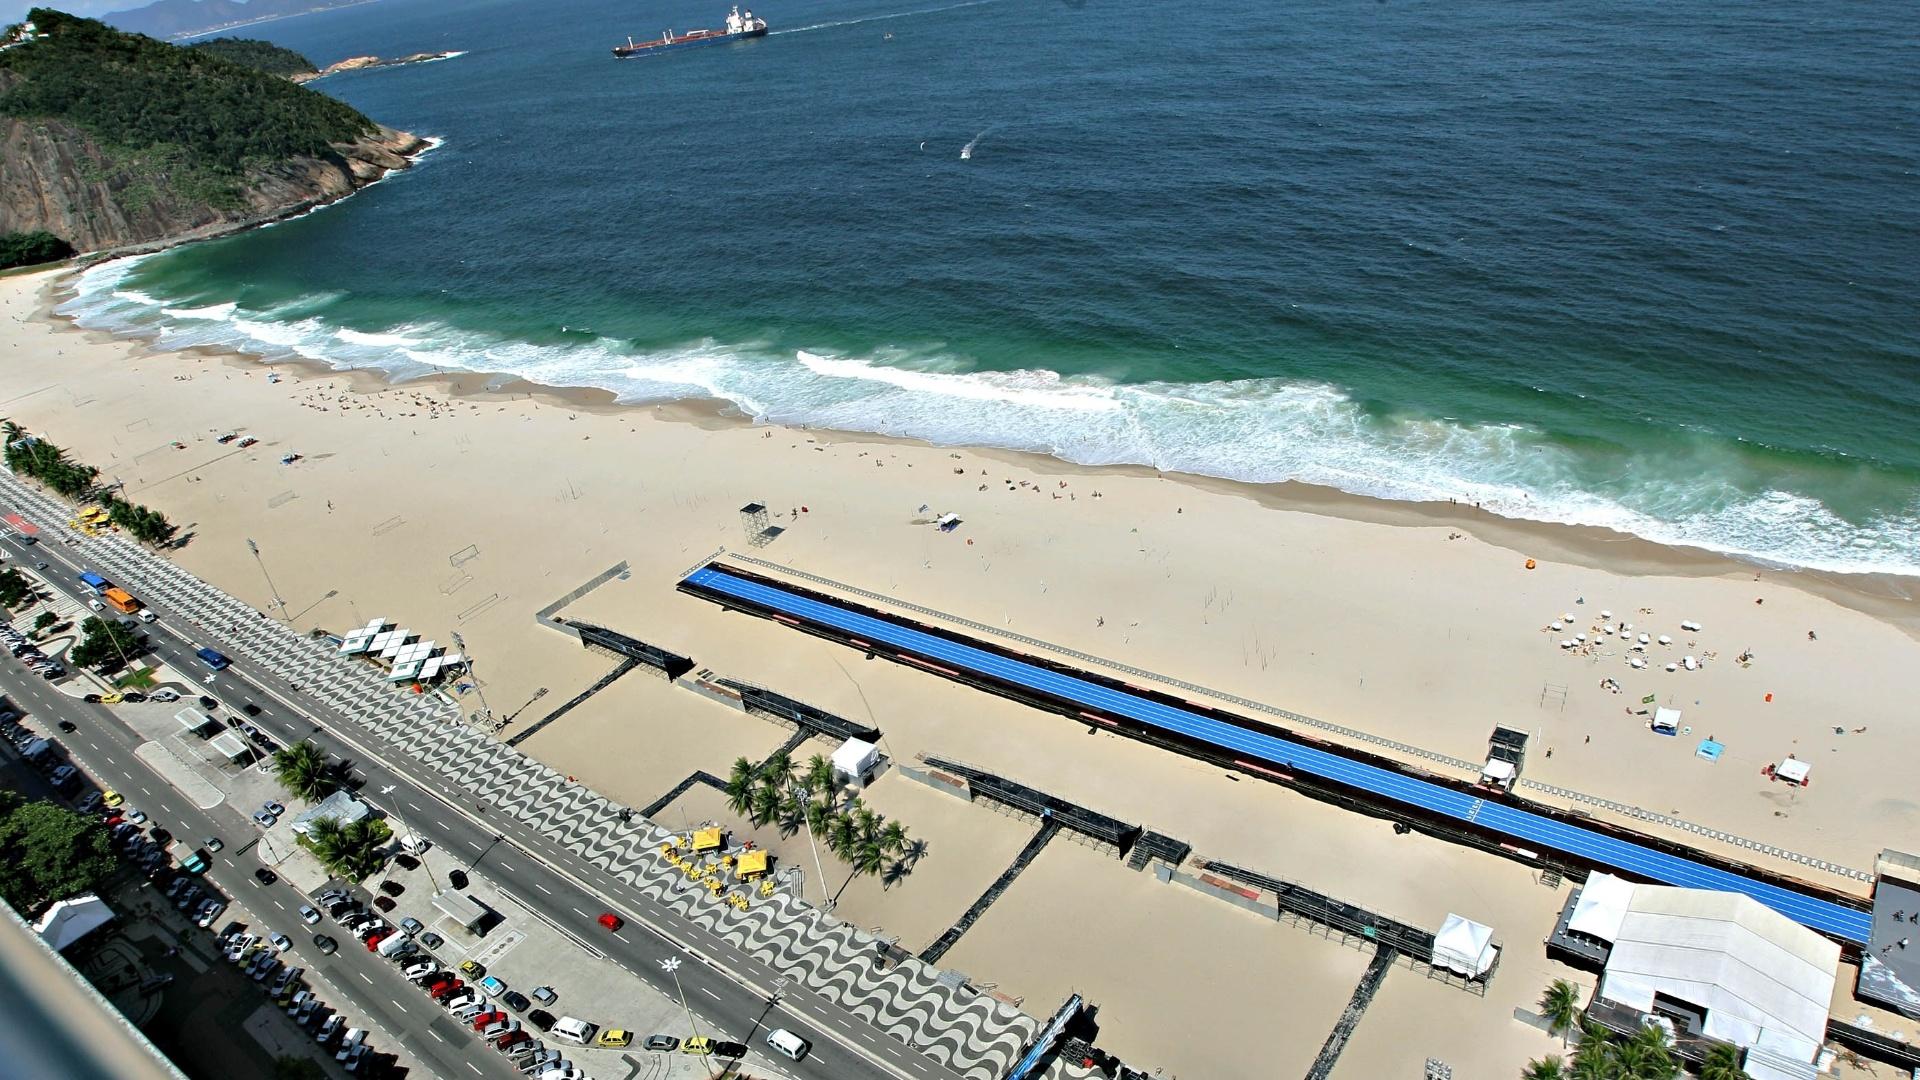 28.mar.2013 - Imagem panorâmica da praia de Copacabana mostra a pista de 150 m em que Usain Bolt competirá no próximo domingo